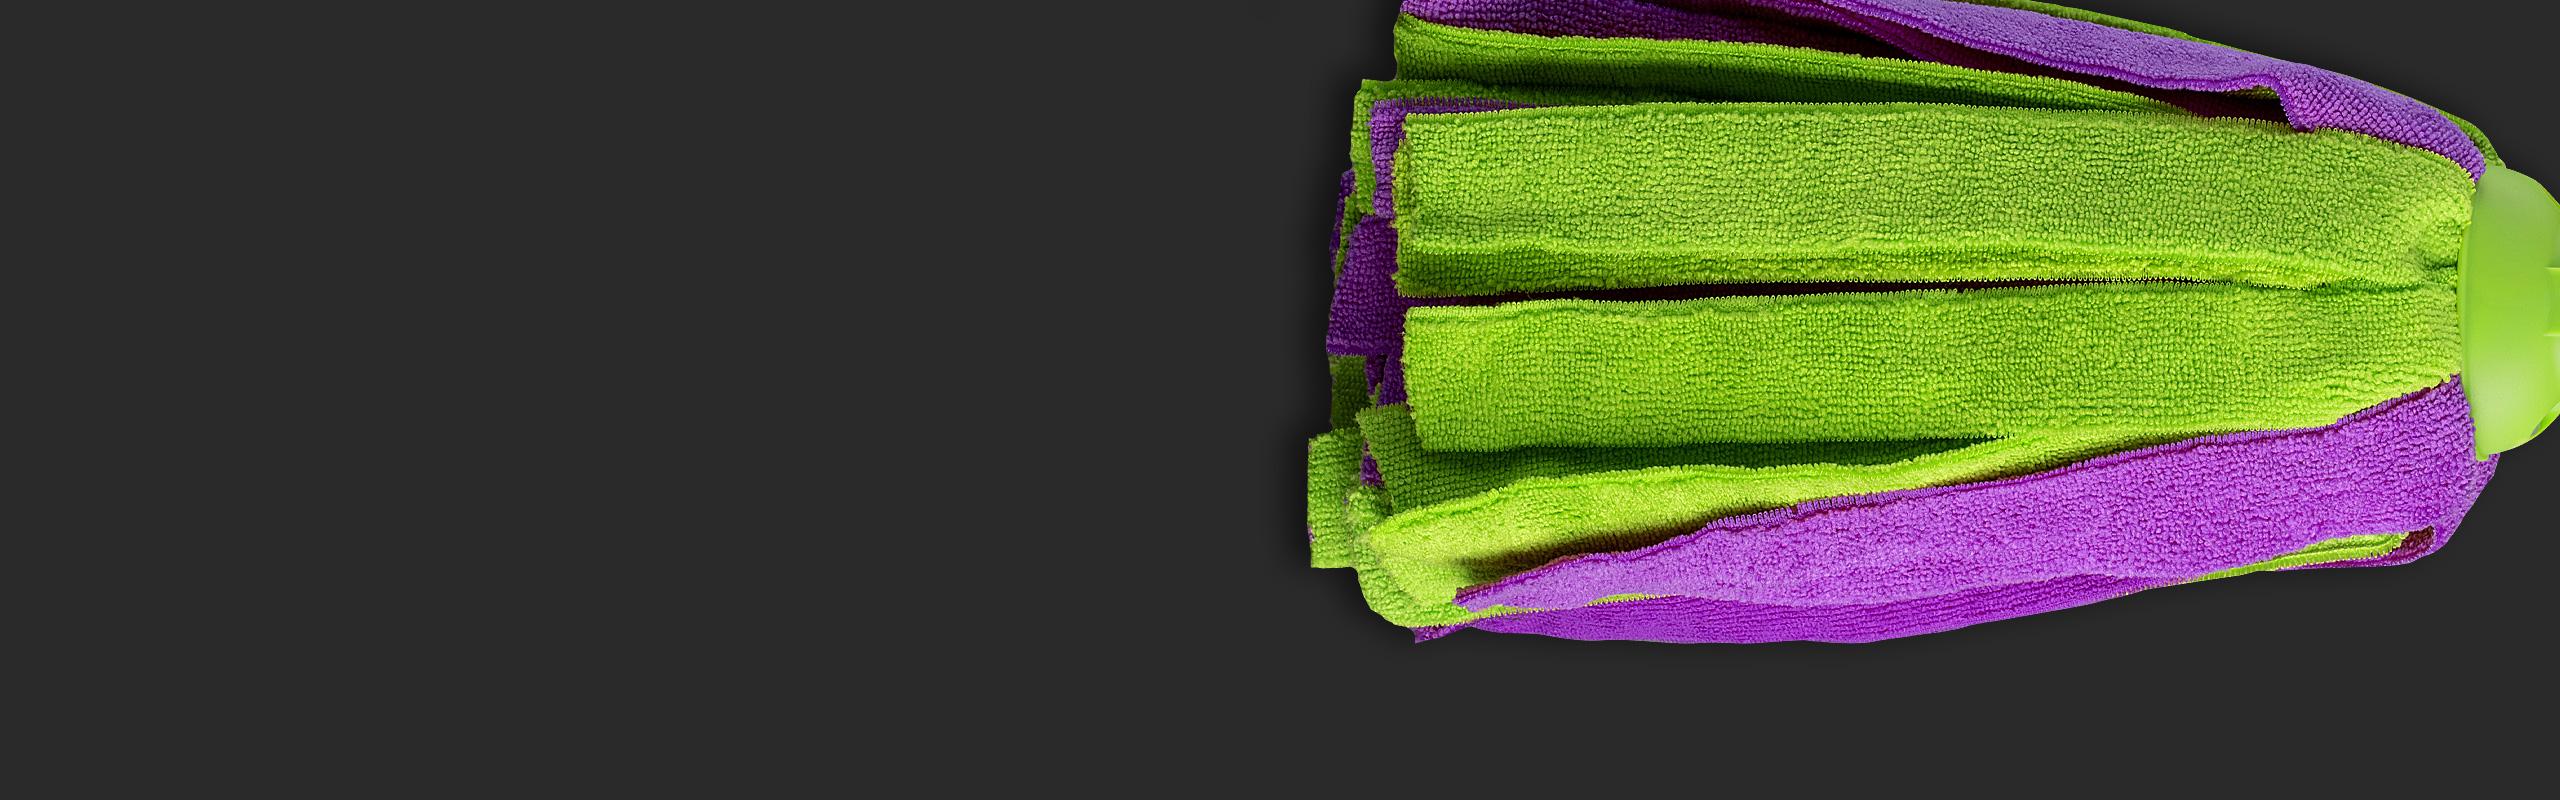 A felmosófejek sztárja, a mikroszál erejével